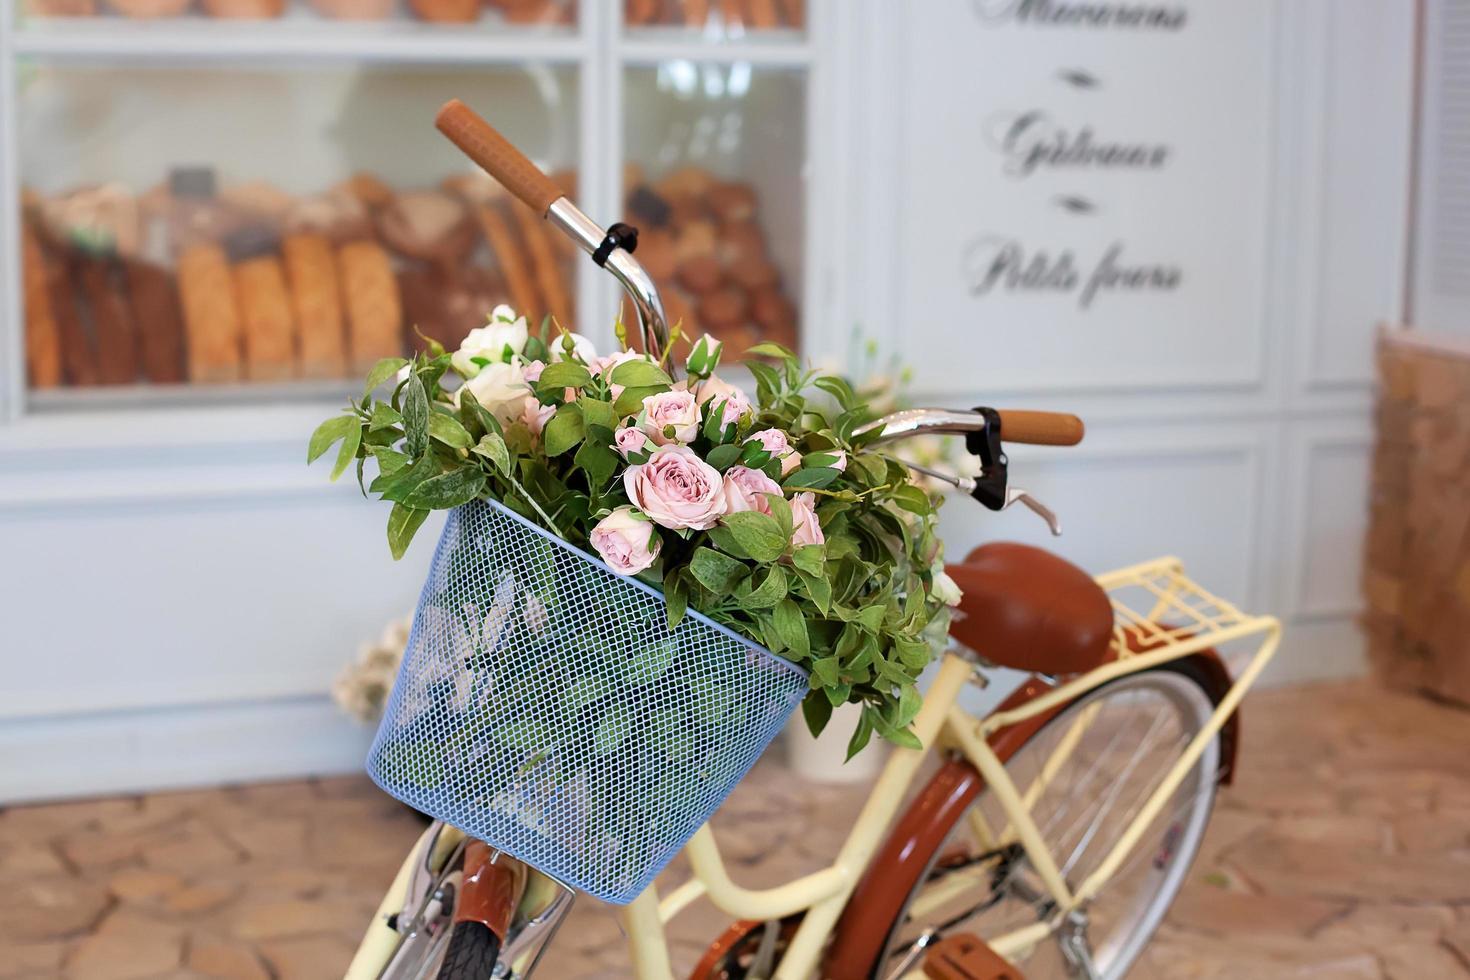 Fahrrad mit einem Vintage Weidenkorb mit Rosen foto